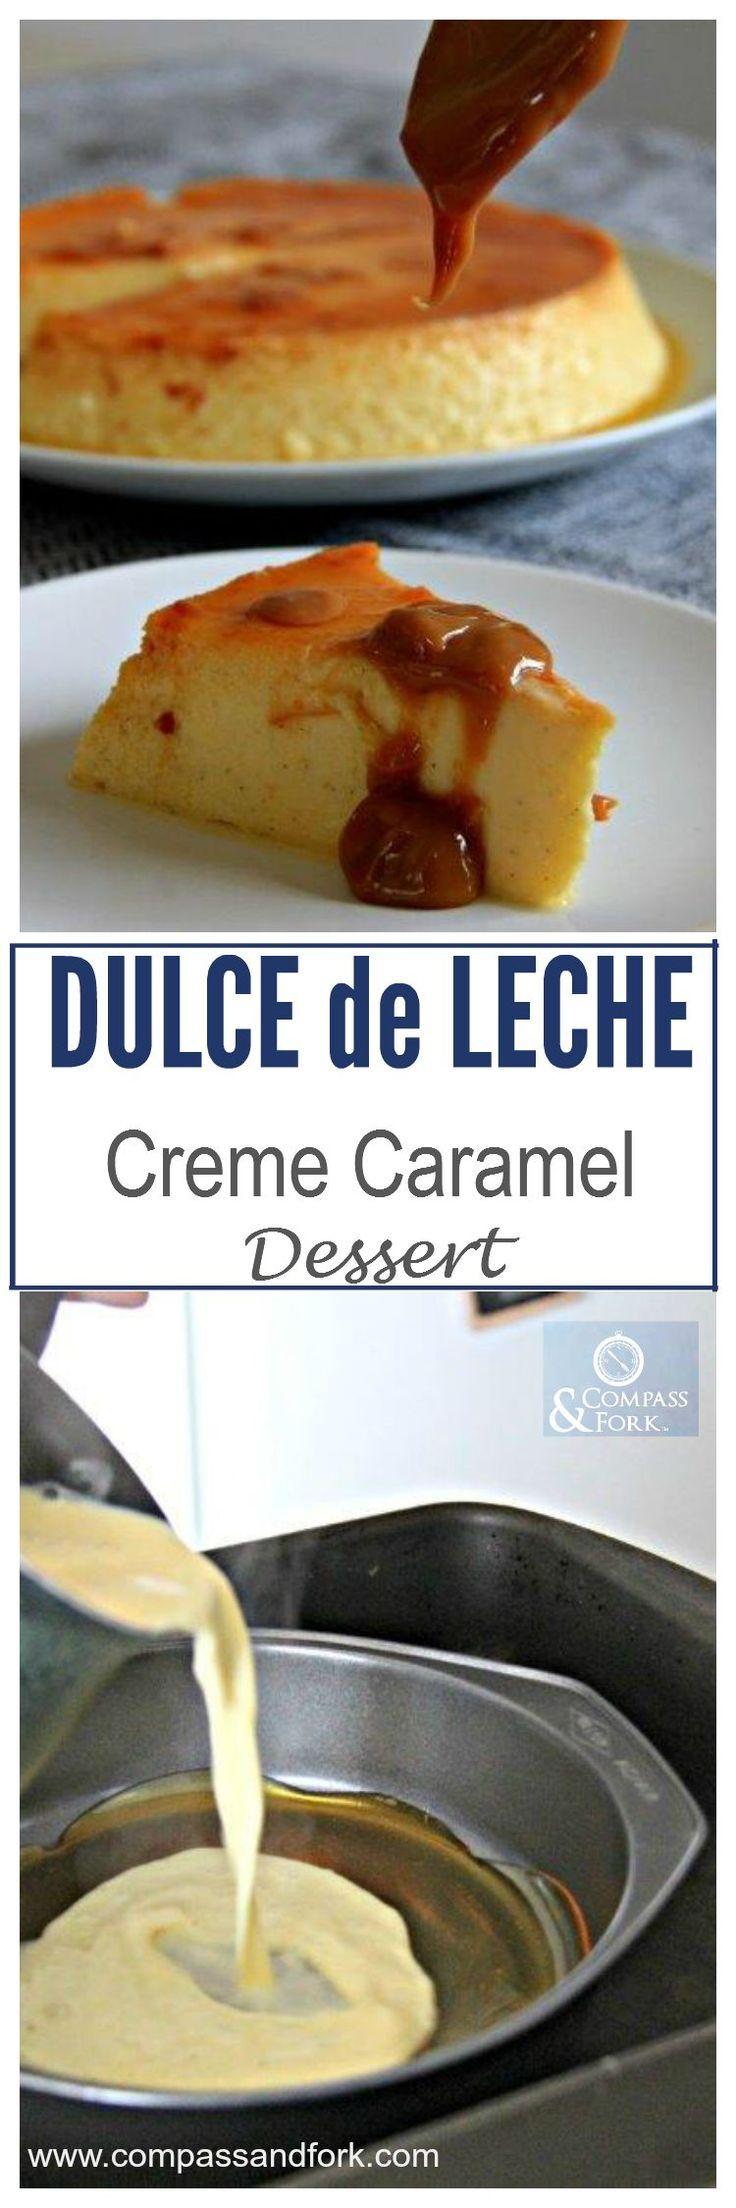 Dulche de Leche Creme Caramel Dessert gluten free http://www.compassandfork.com